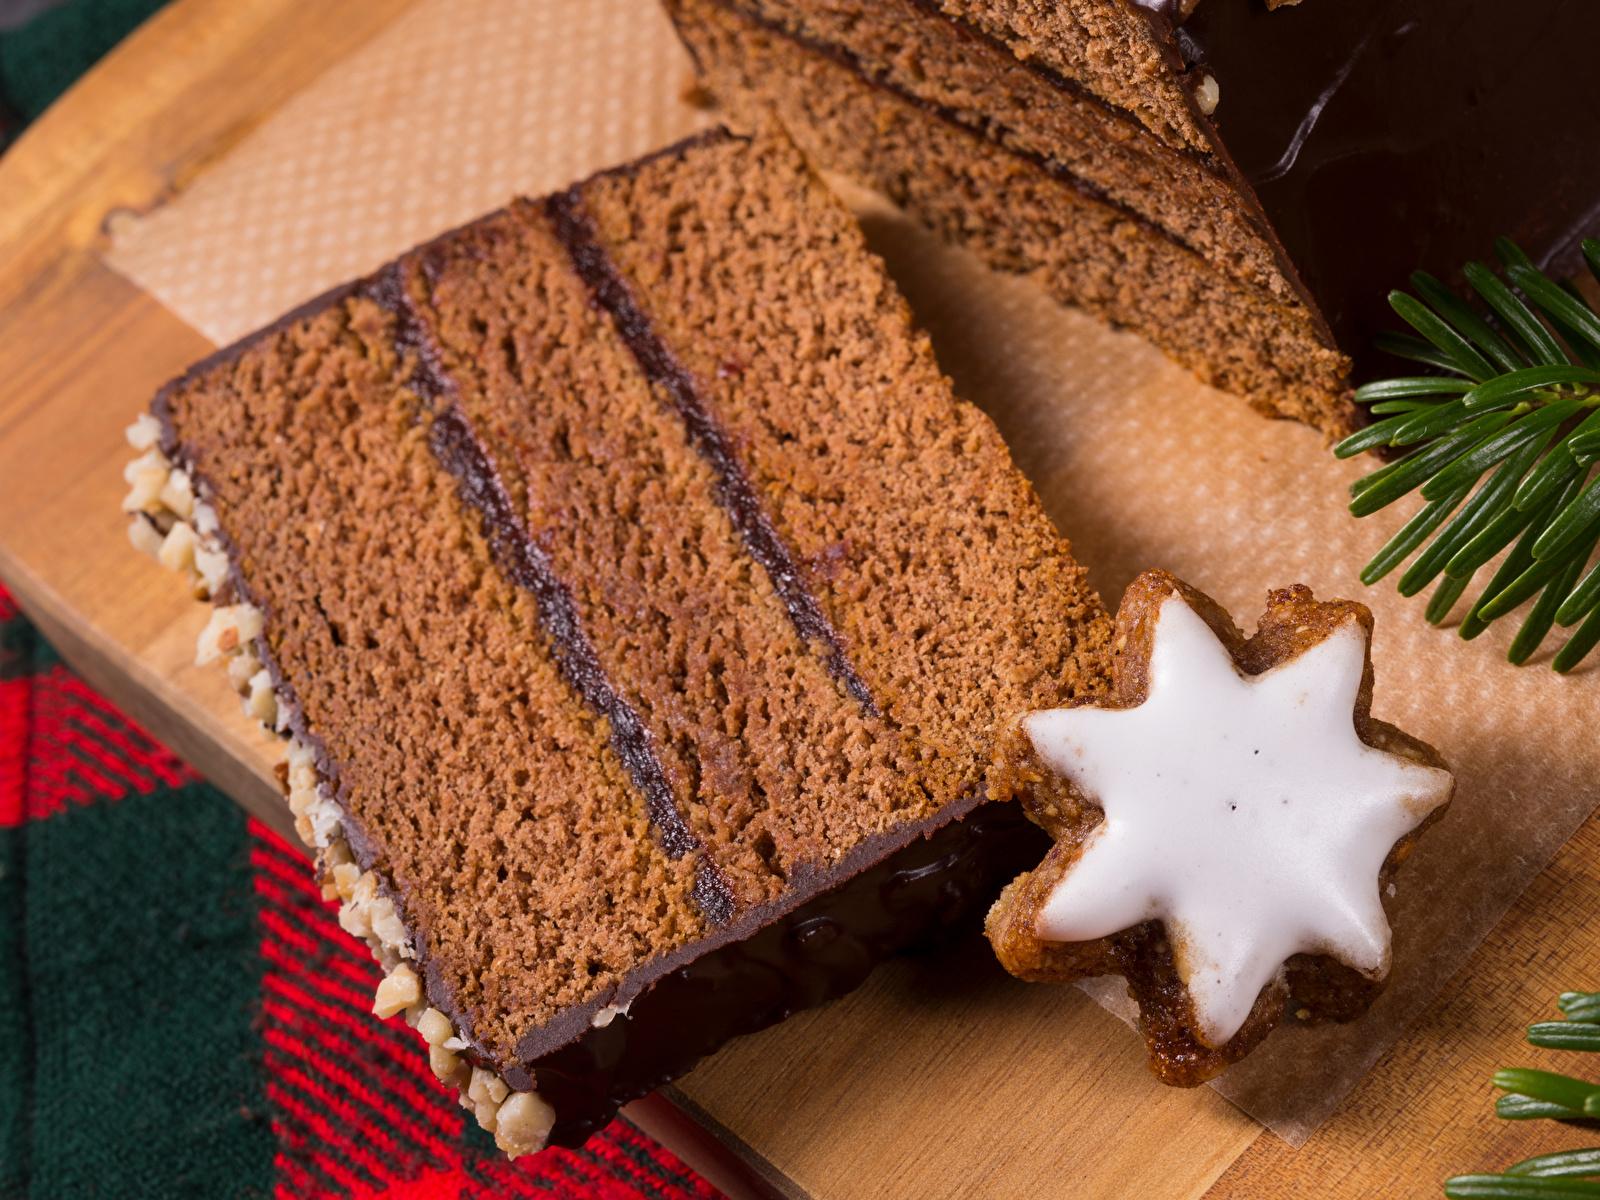 Картинка Новый год Шоколад Торты Кусок Пища Печенье Выпечка 1600x1200 Рождество часть кусочки кусочек Еда Продукты питания